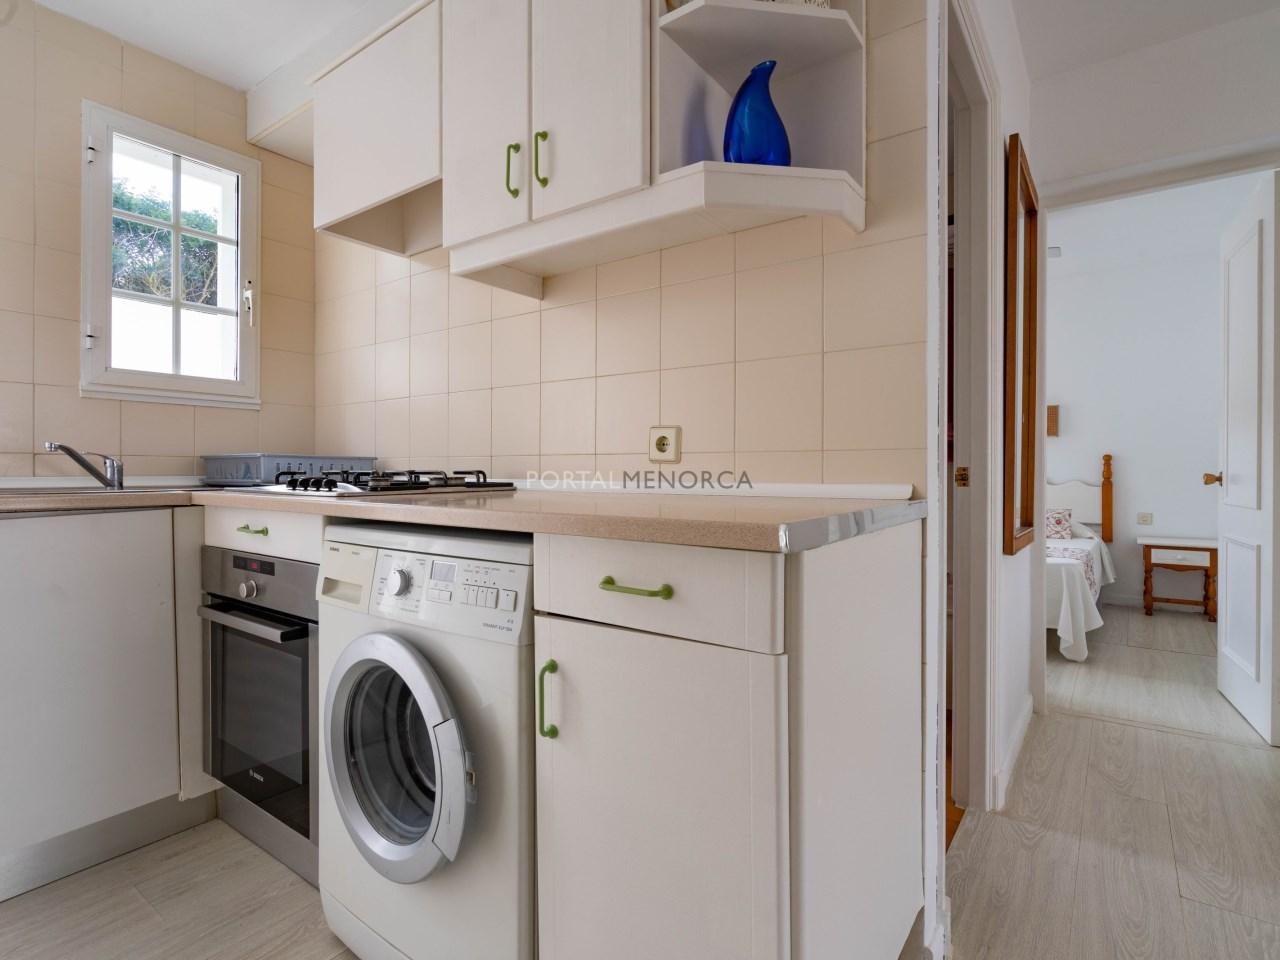 apartment menorca sale (7)